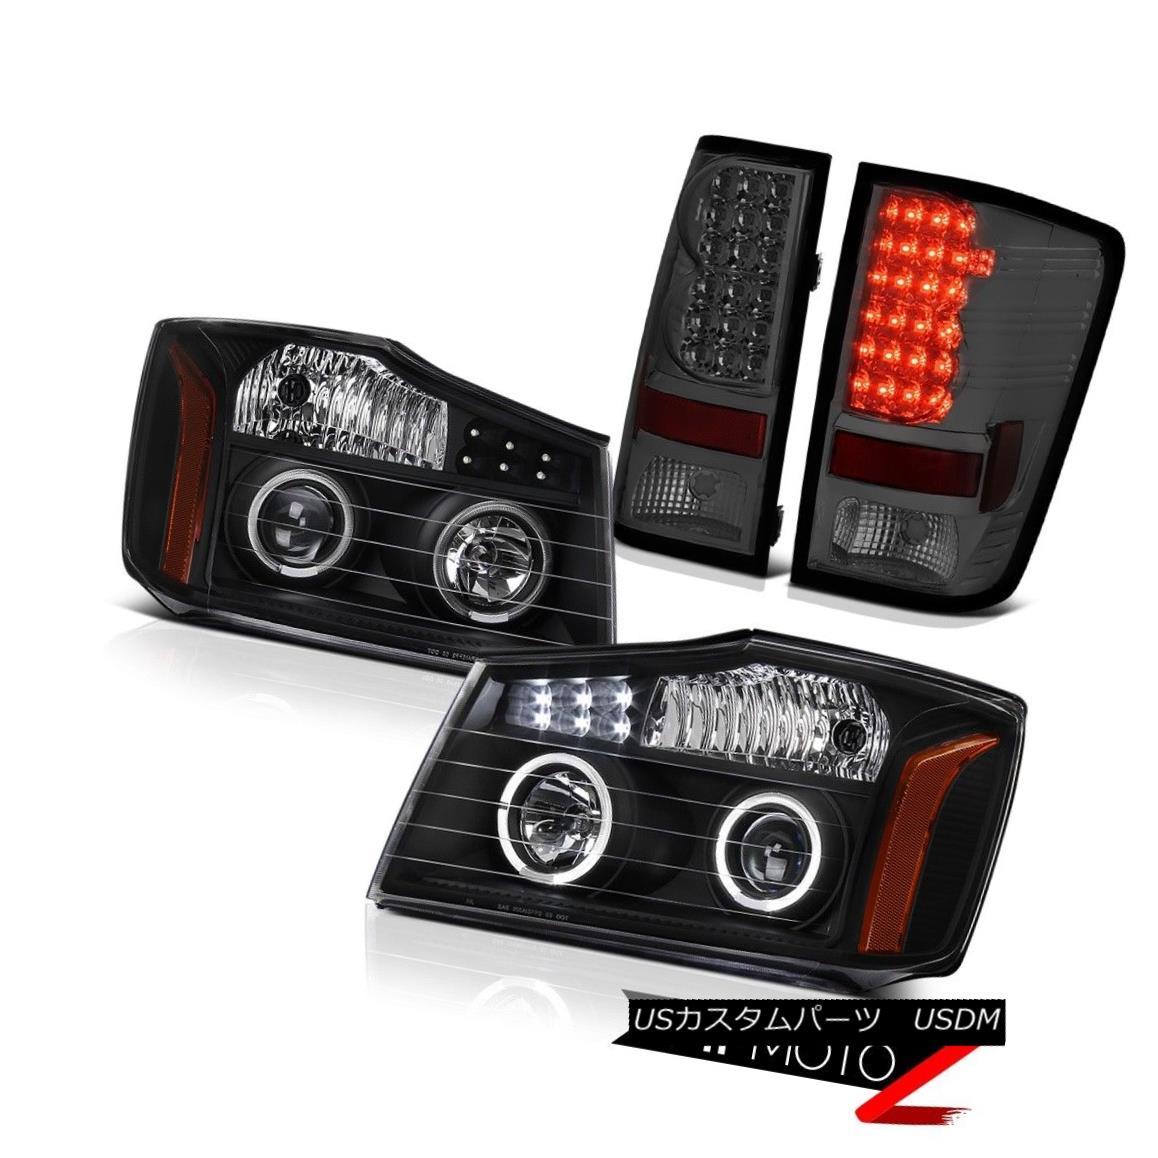 テールライト For 2004-2015 09 10 11 12 13 2015 Titan SV LED Projector Headlight Tail Light 2004?2015年09 10 11 12 13 2015 Titan SV LEDプロジェクターヘッドライトテールライト